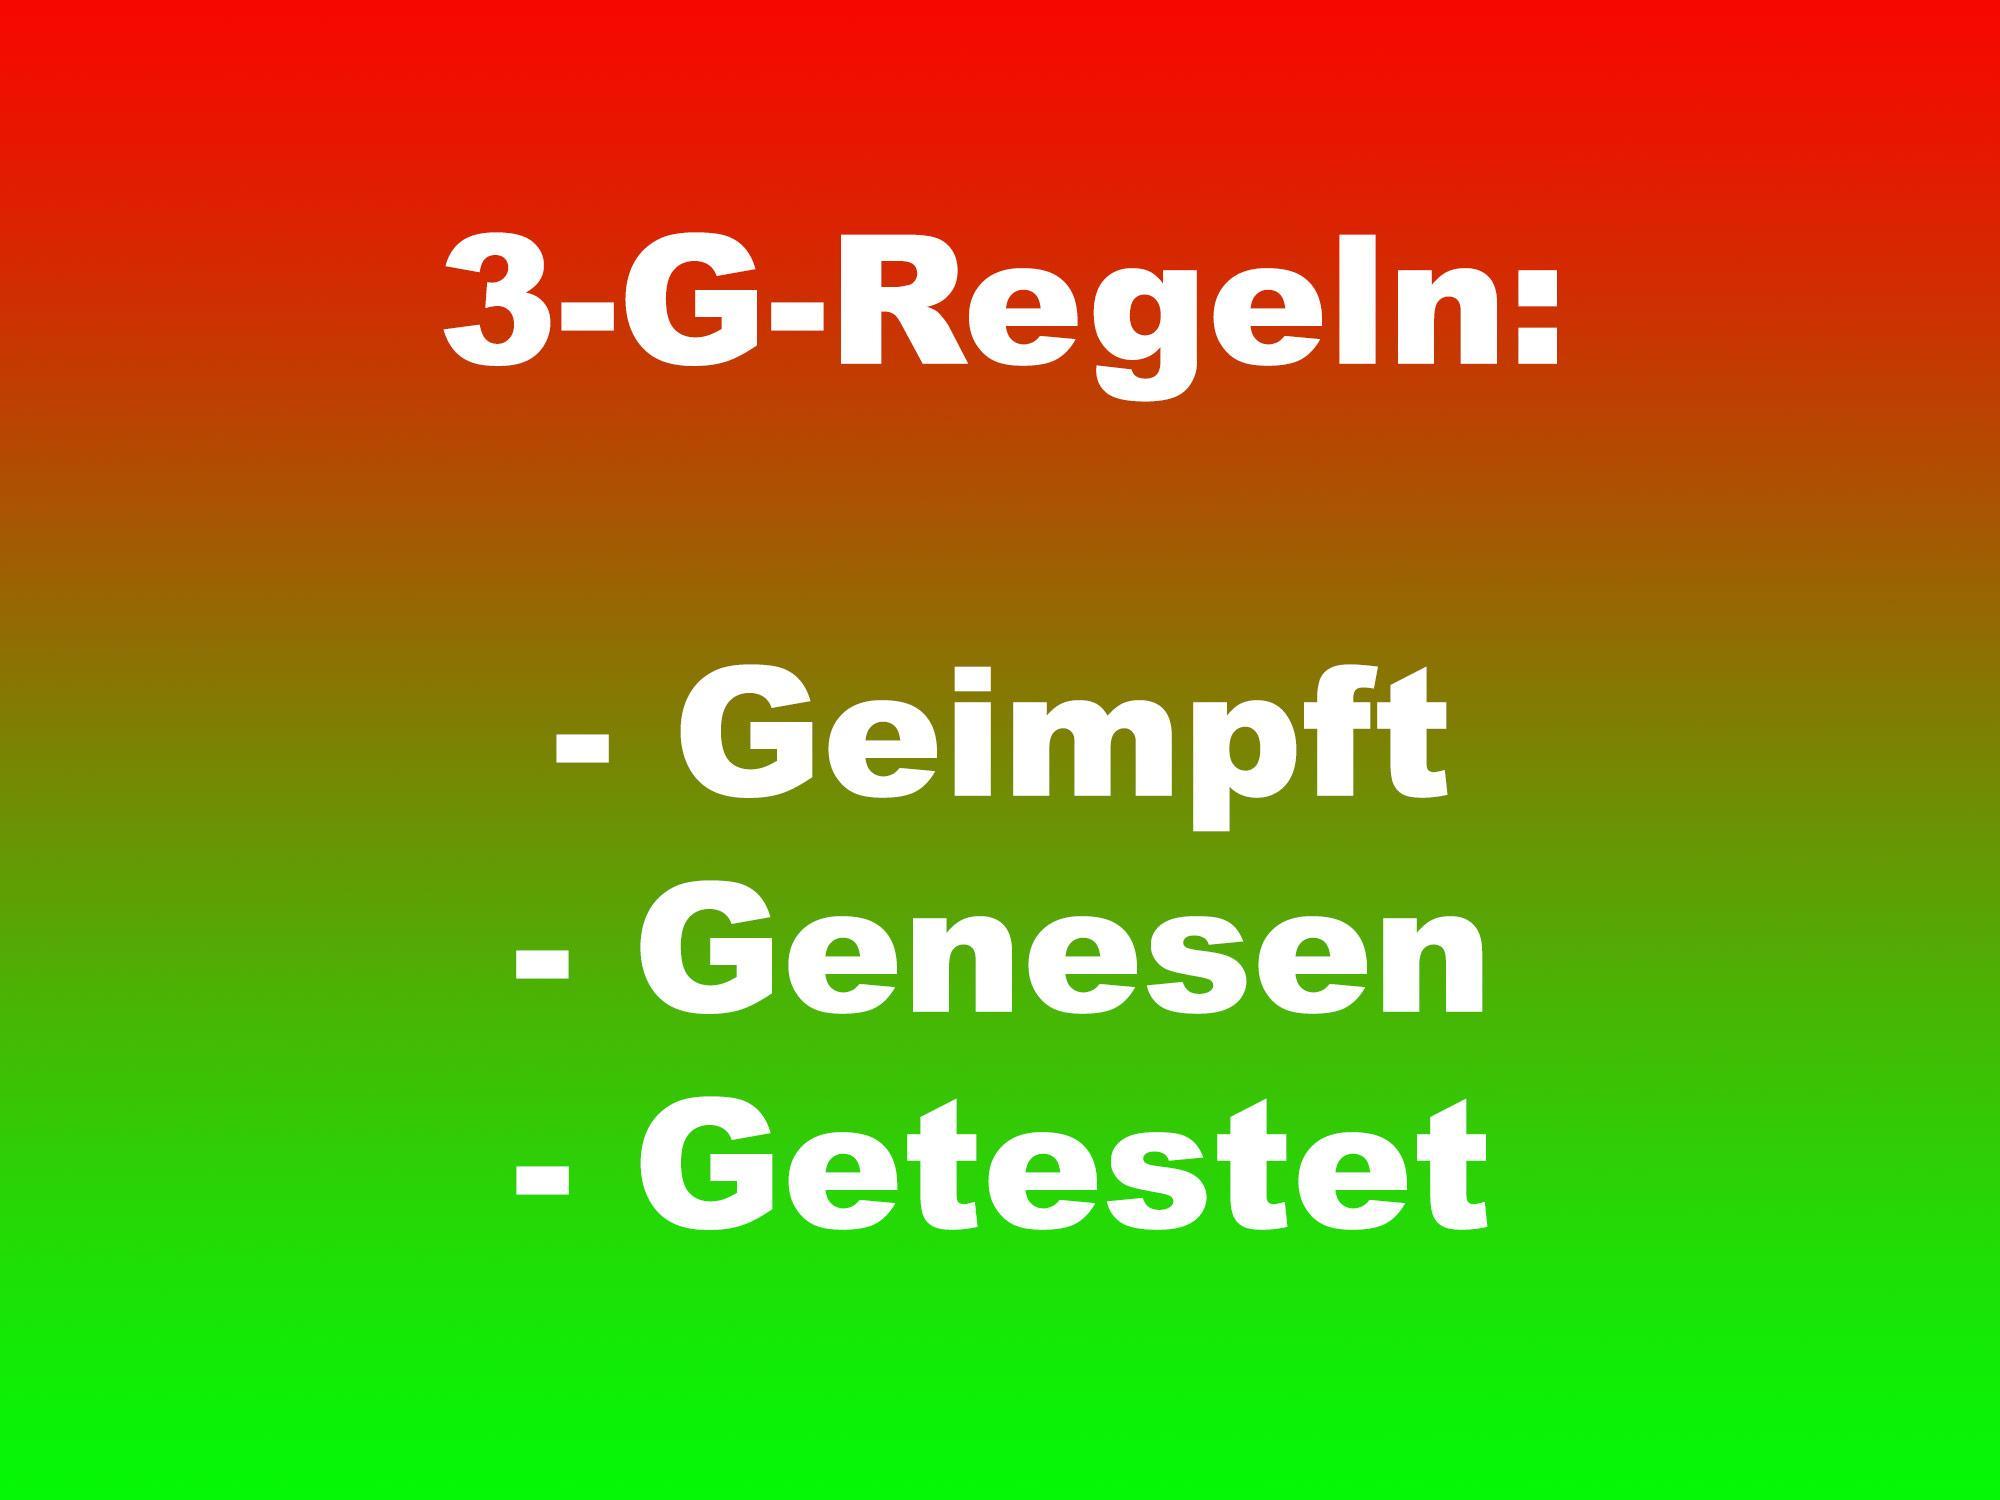 3-G-Regeln